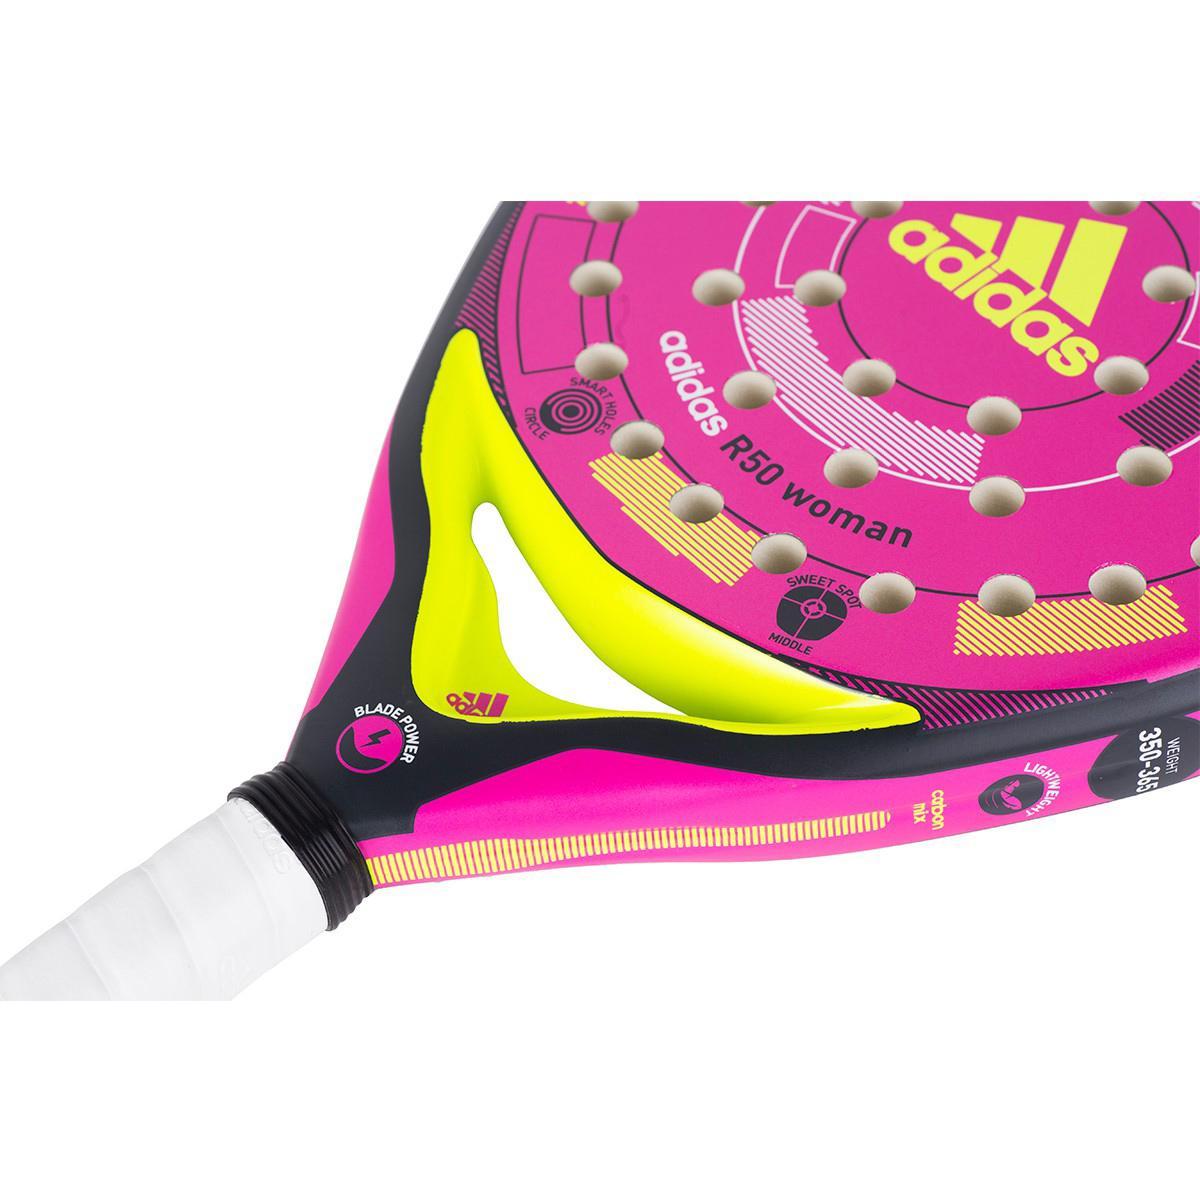 Adidas R50 Padel Racket - Pink - Tennisnuts.com d6fe8e0419